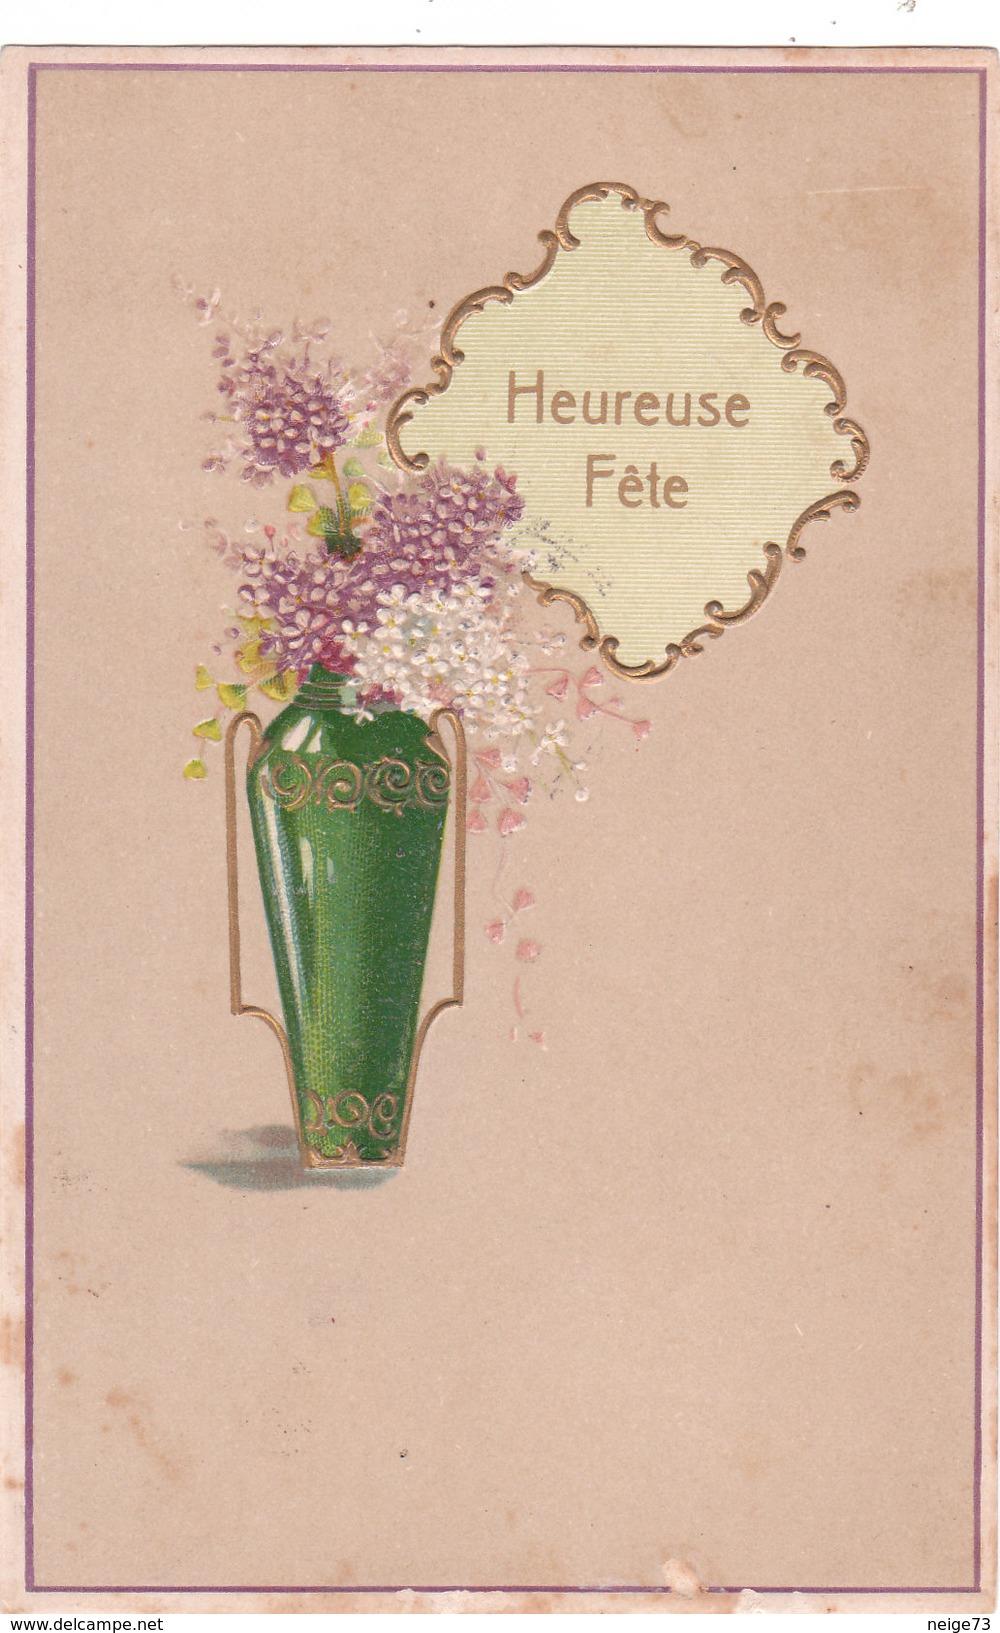 Carte Postale Ancienne Fantaisie - Gaufrée - Fleurs - Heureuse Fête - Fantaisies